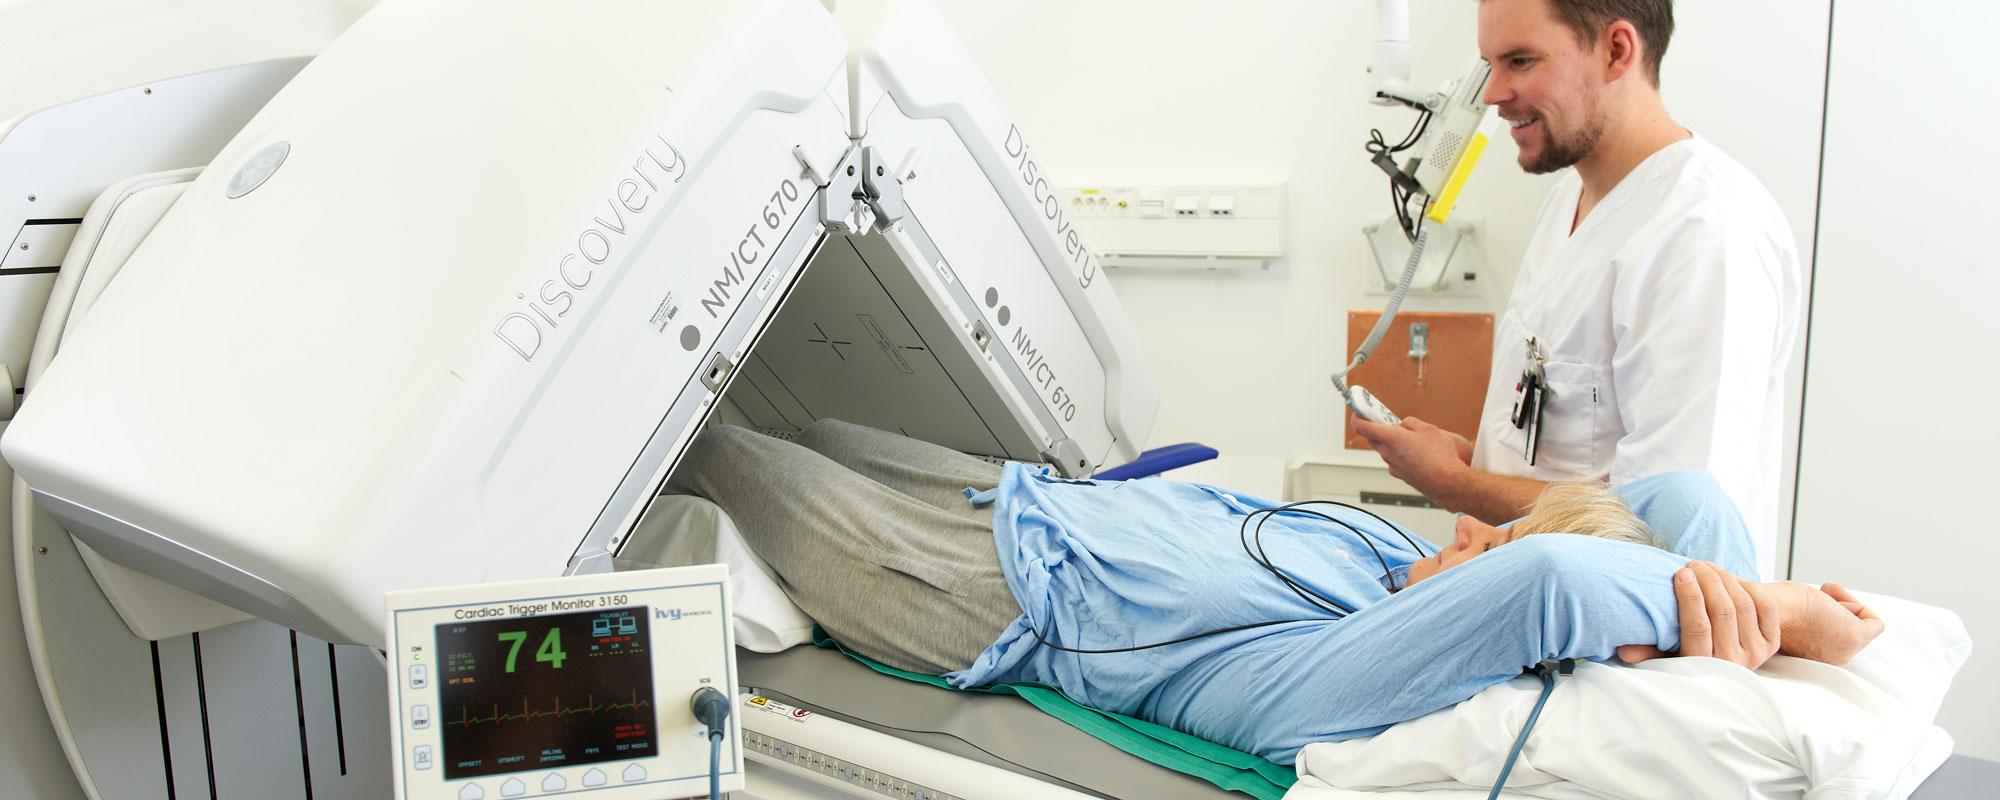 Operatør sammen med pasient som gjøres klar for SPECT/CT